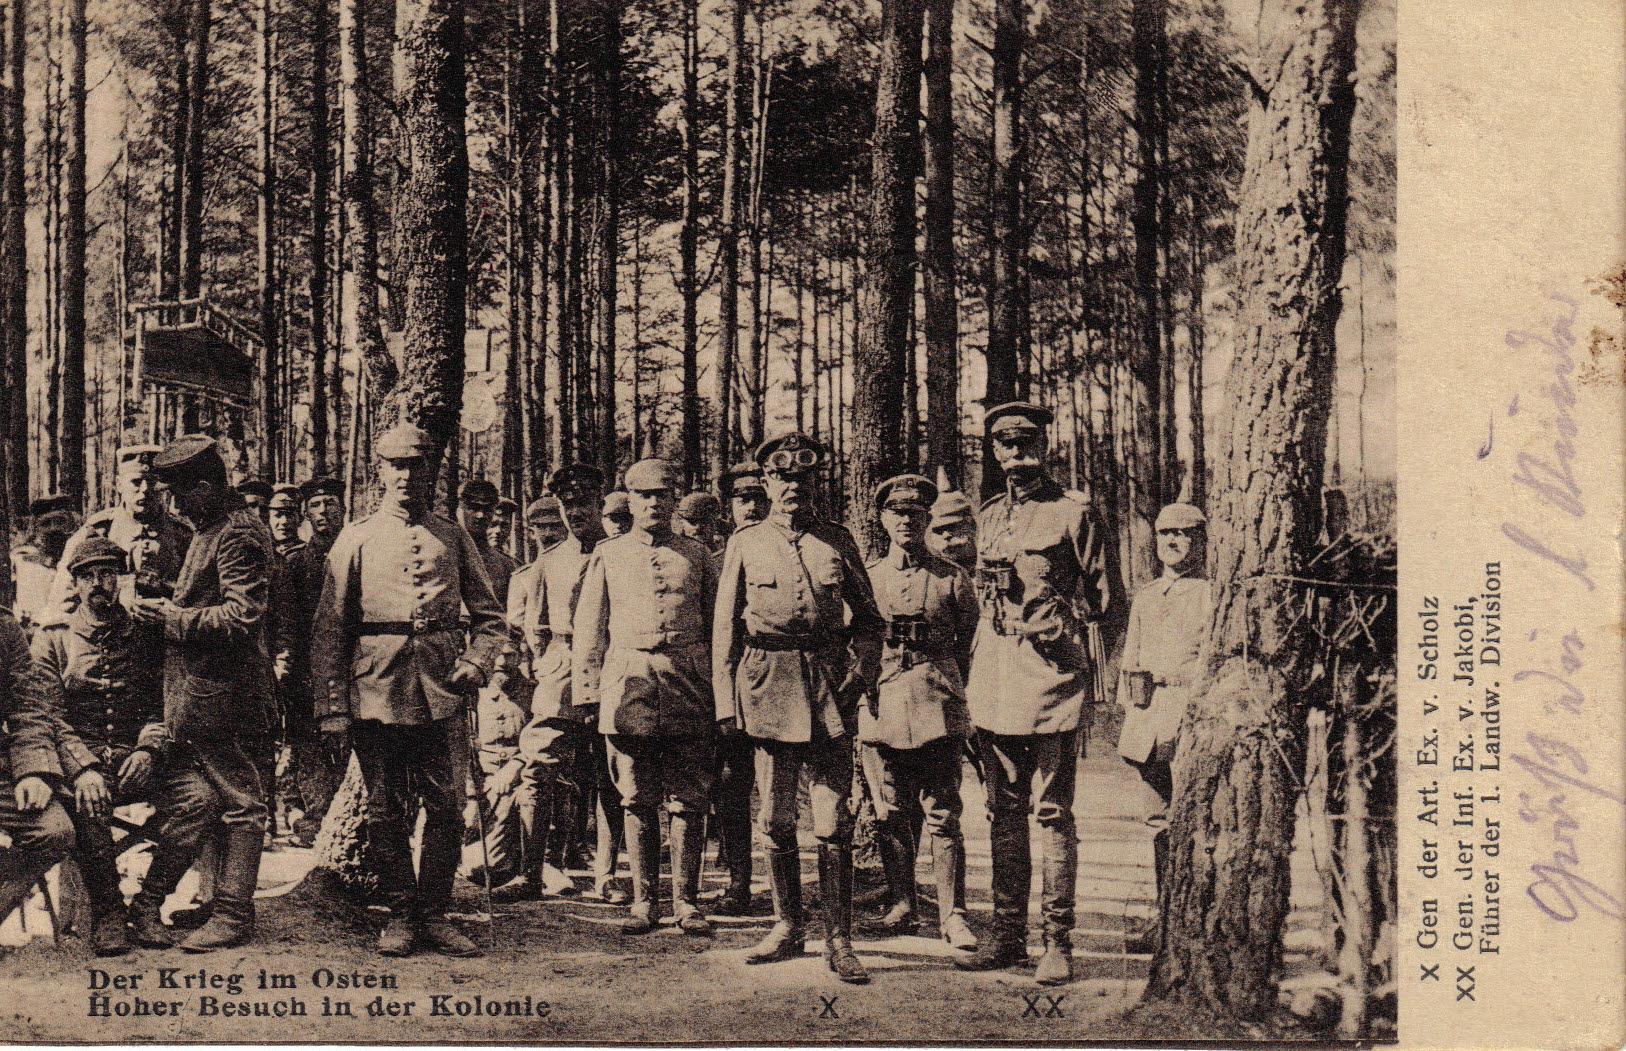 1914-10-18 LIR84 Der Krieg im Osten - Hoher Besuch in der Kolonie